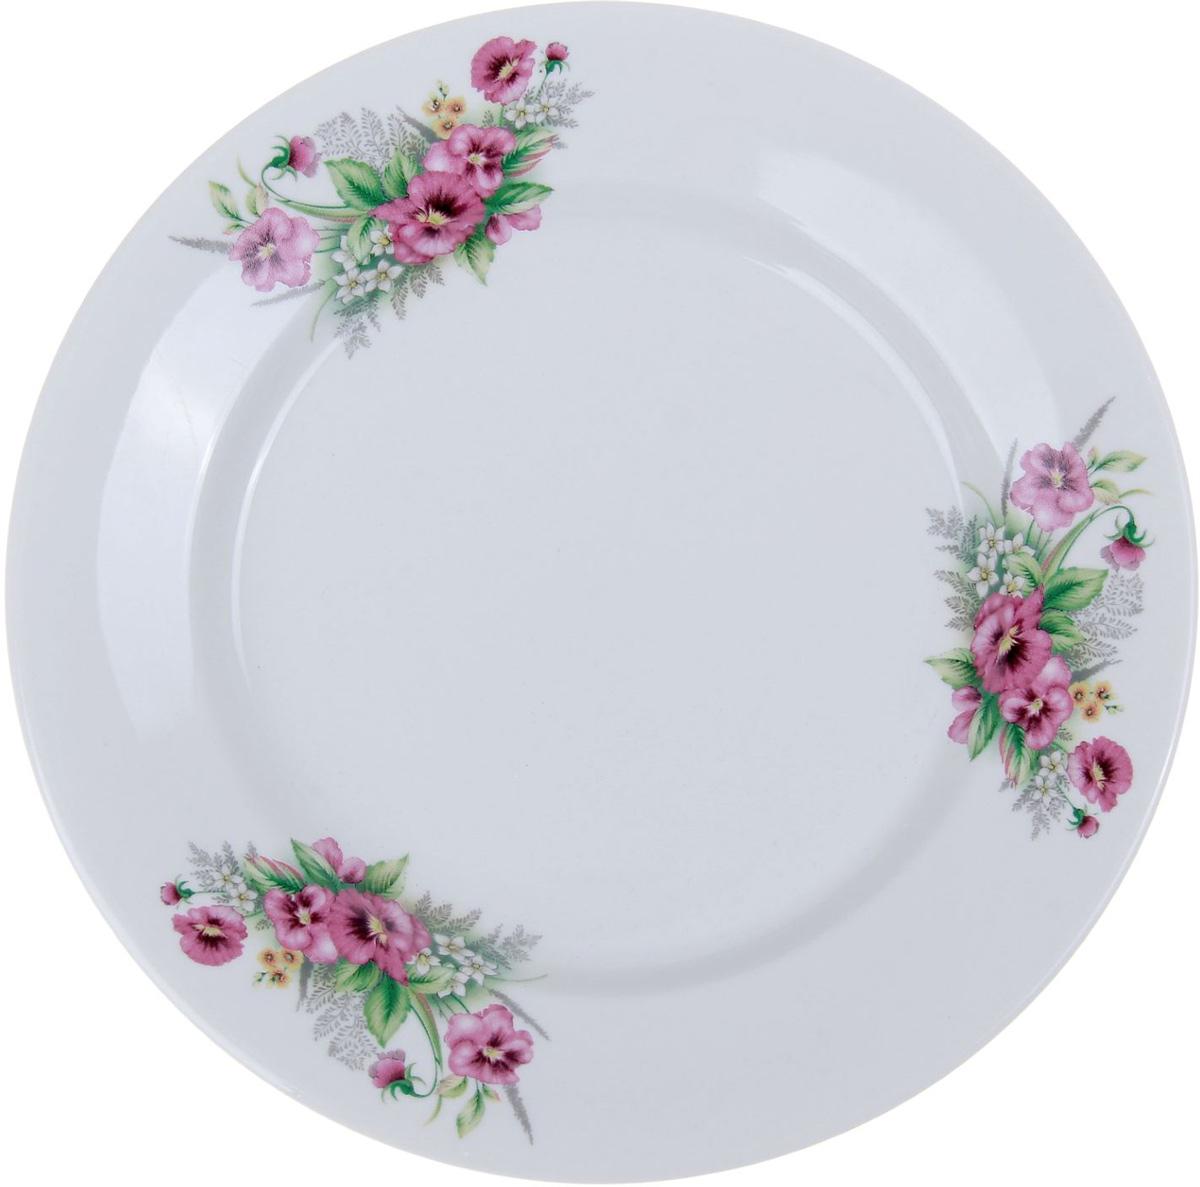 Тарелка мелкая Фарфор Вербилок Виола, диаметр 20 см. 10168231016823От качества посуды зависит не только вкус еды, но и здоровье человека. Тарелка - товар, соответствующий российским стандартам качества. Любой хозяйке будет приятно держать его в руках. С такой посудой и кухонной утварью приготовление еды и сервировка стола превратятся в настоящий праздник.